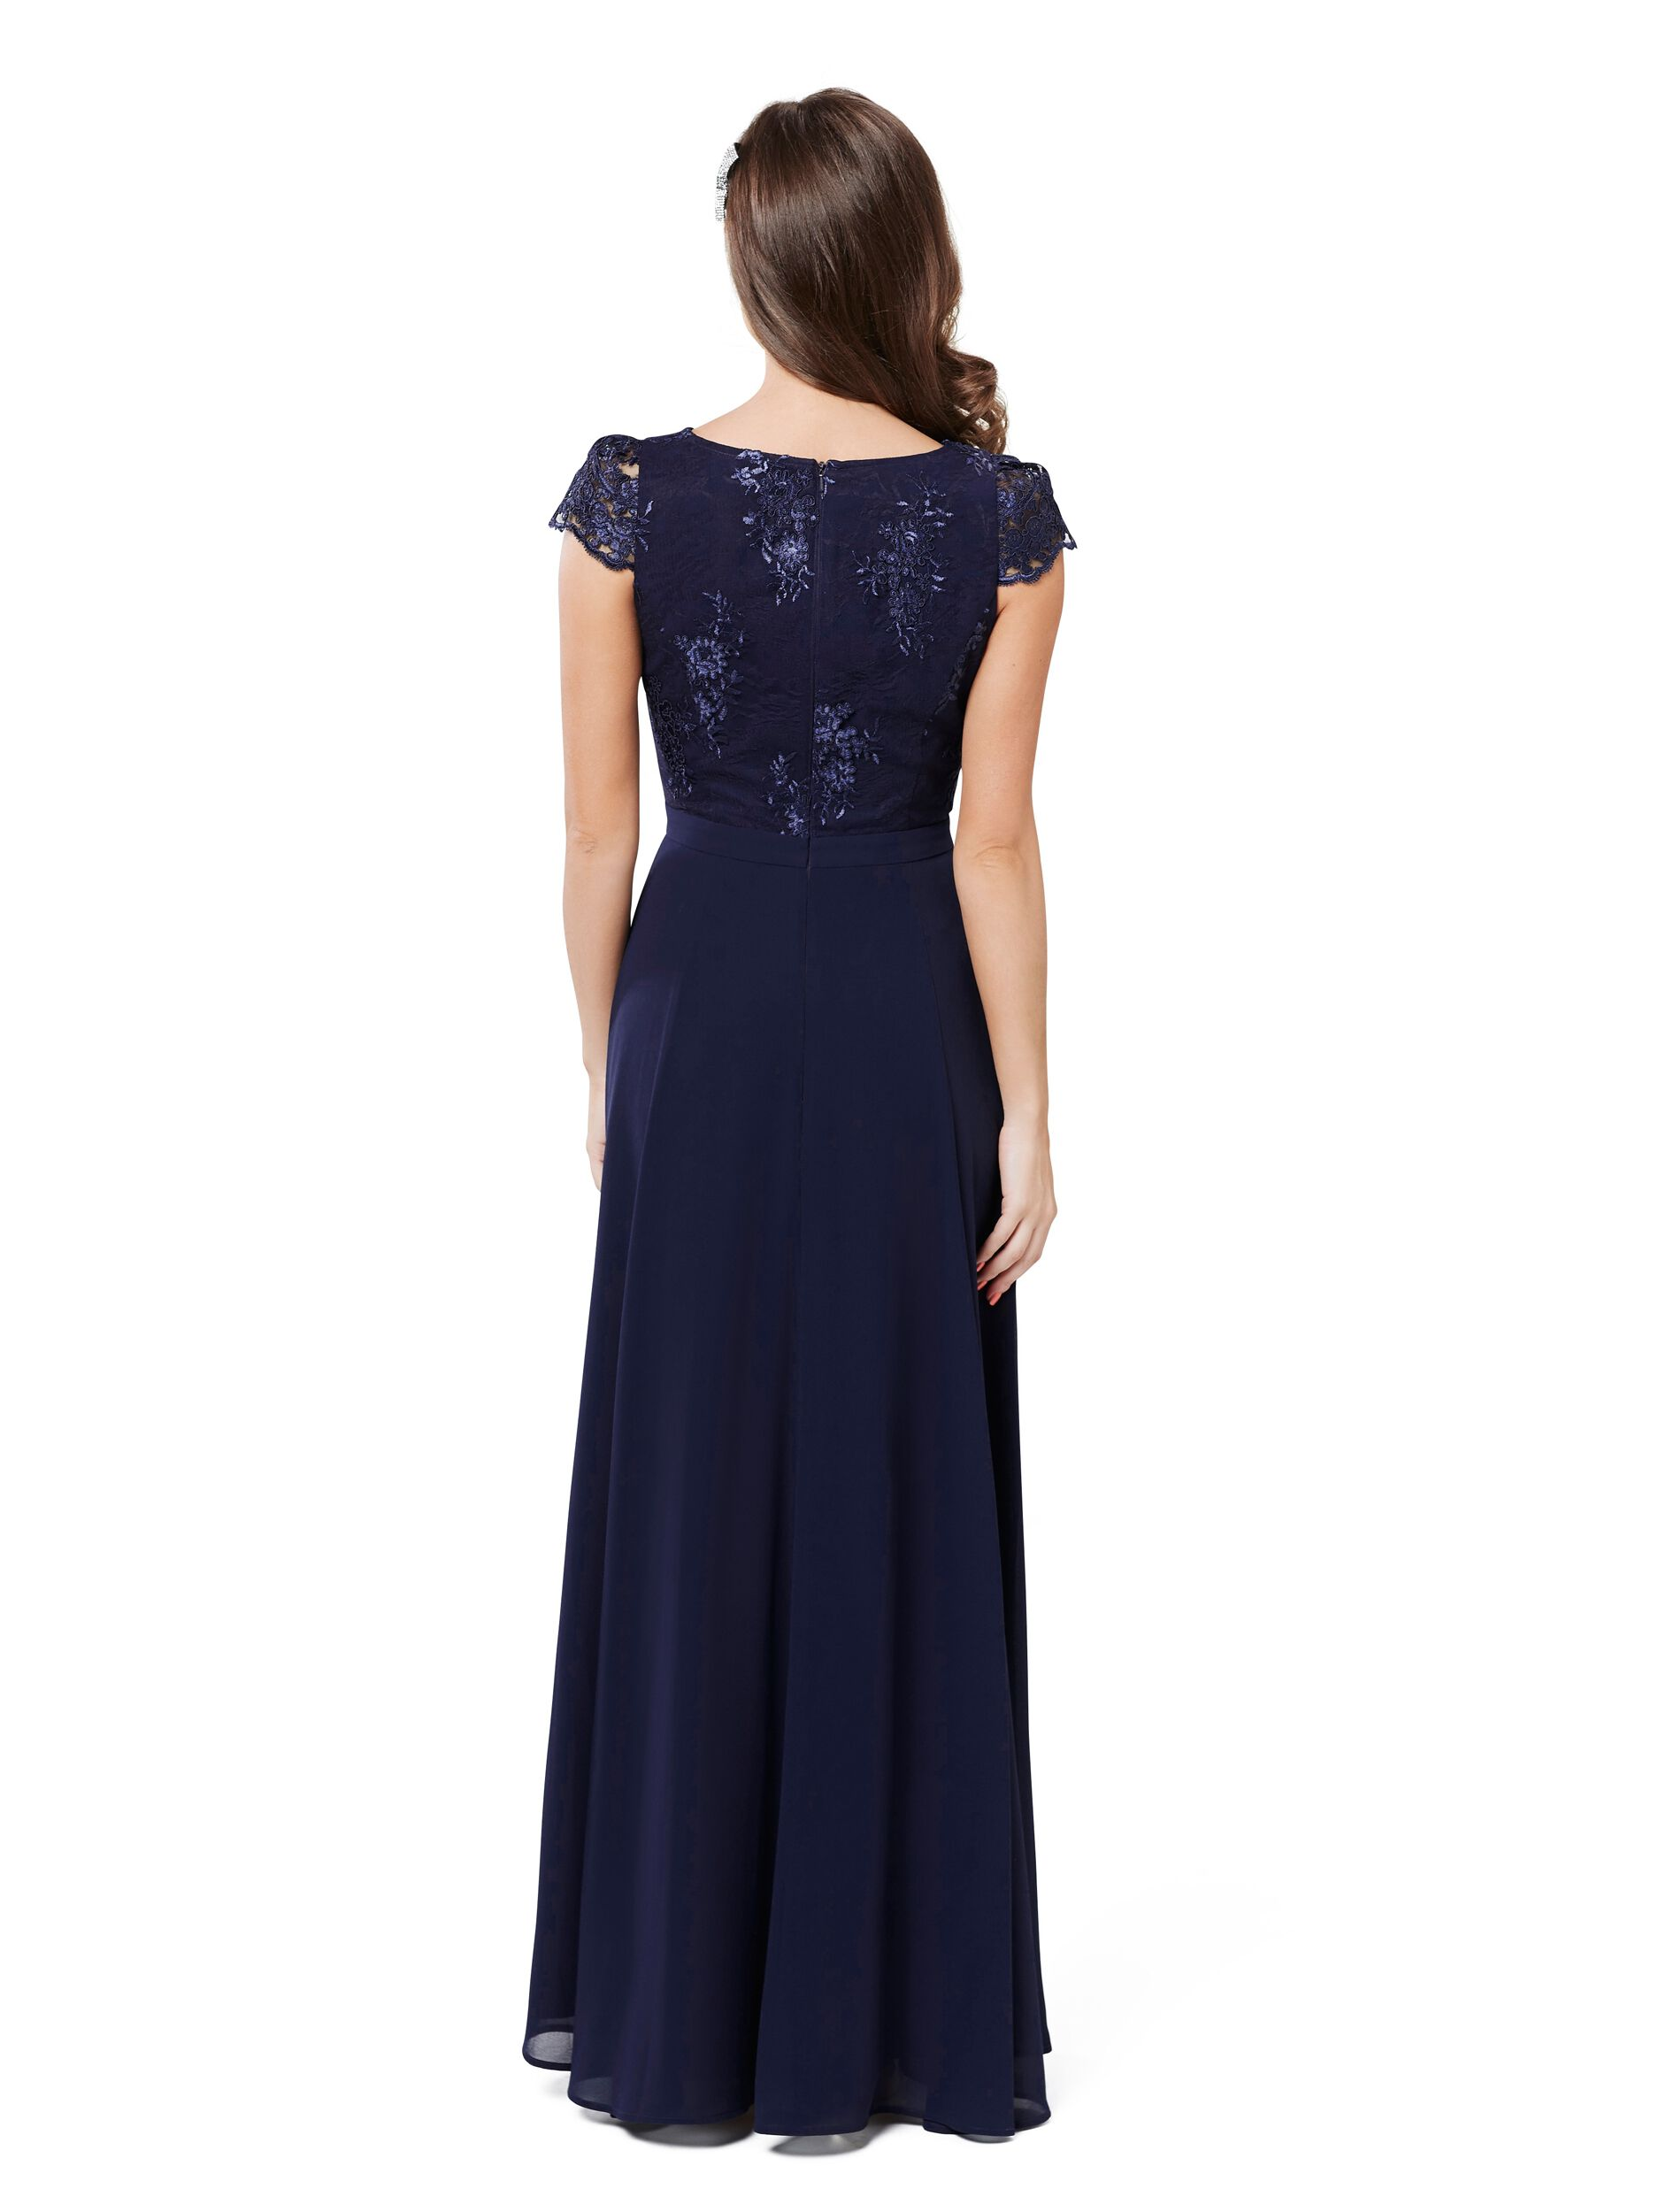 Eternity Maxi Dress